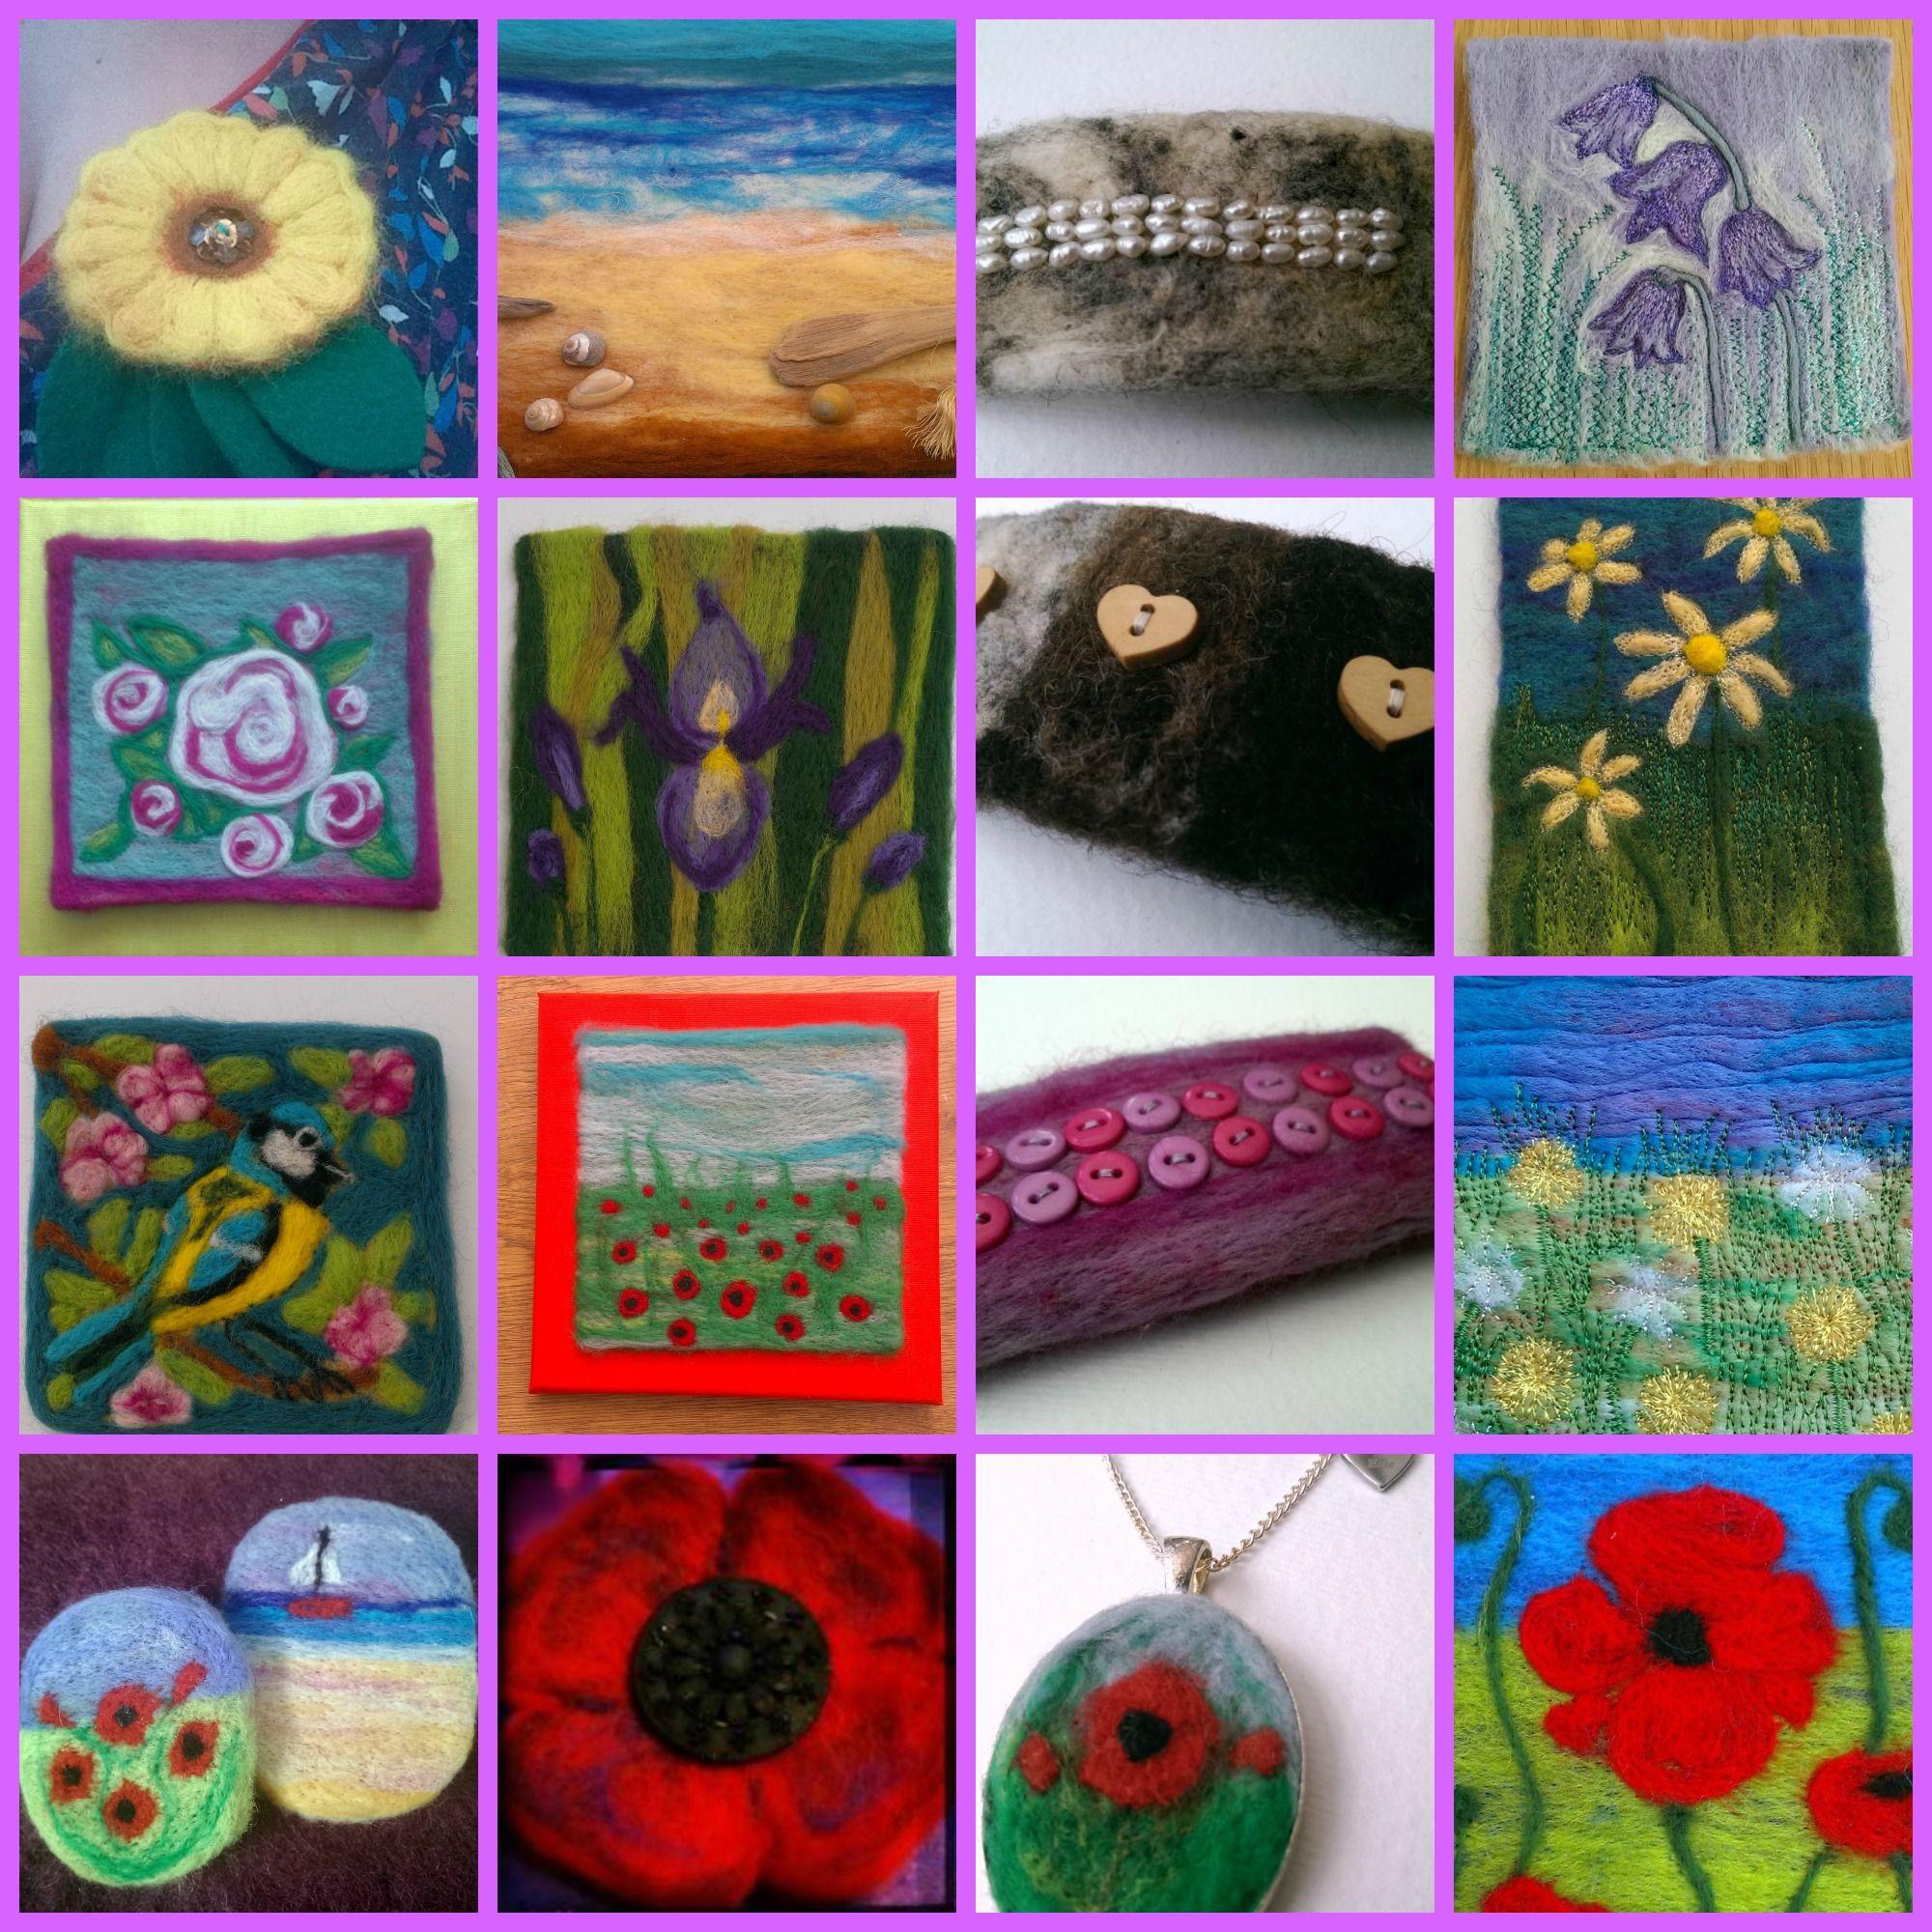 Collage of my work. Beadie Eyed Edie https://folksy.com/shops/BeadieEyedEdie